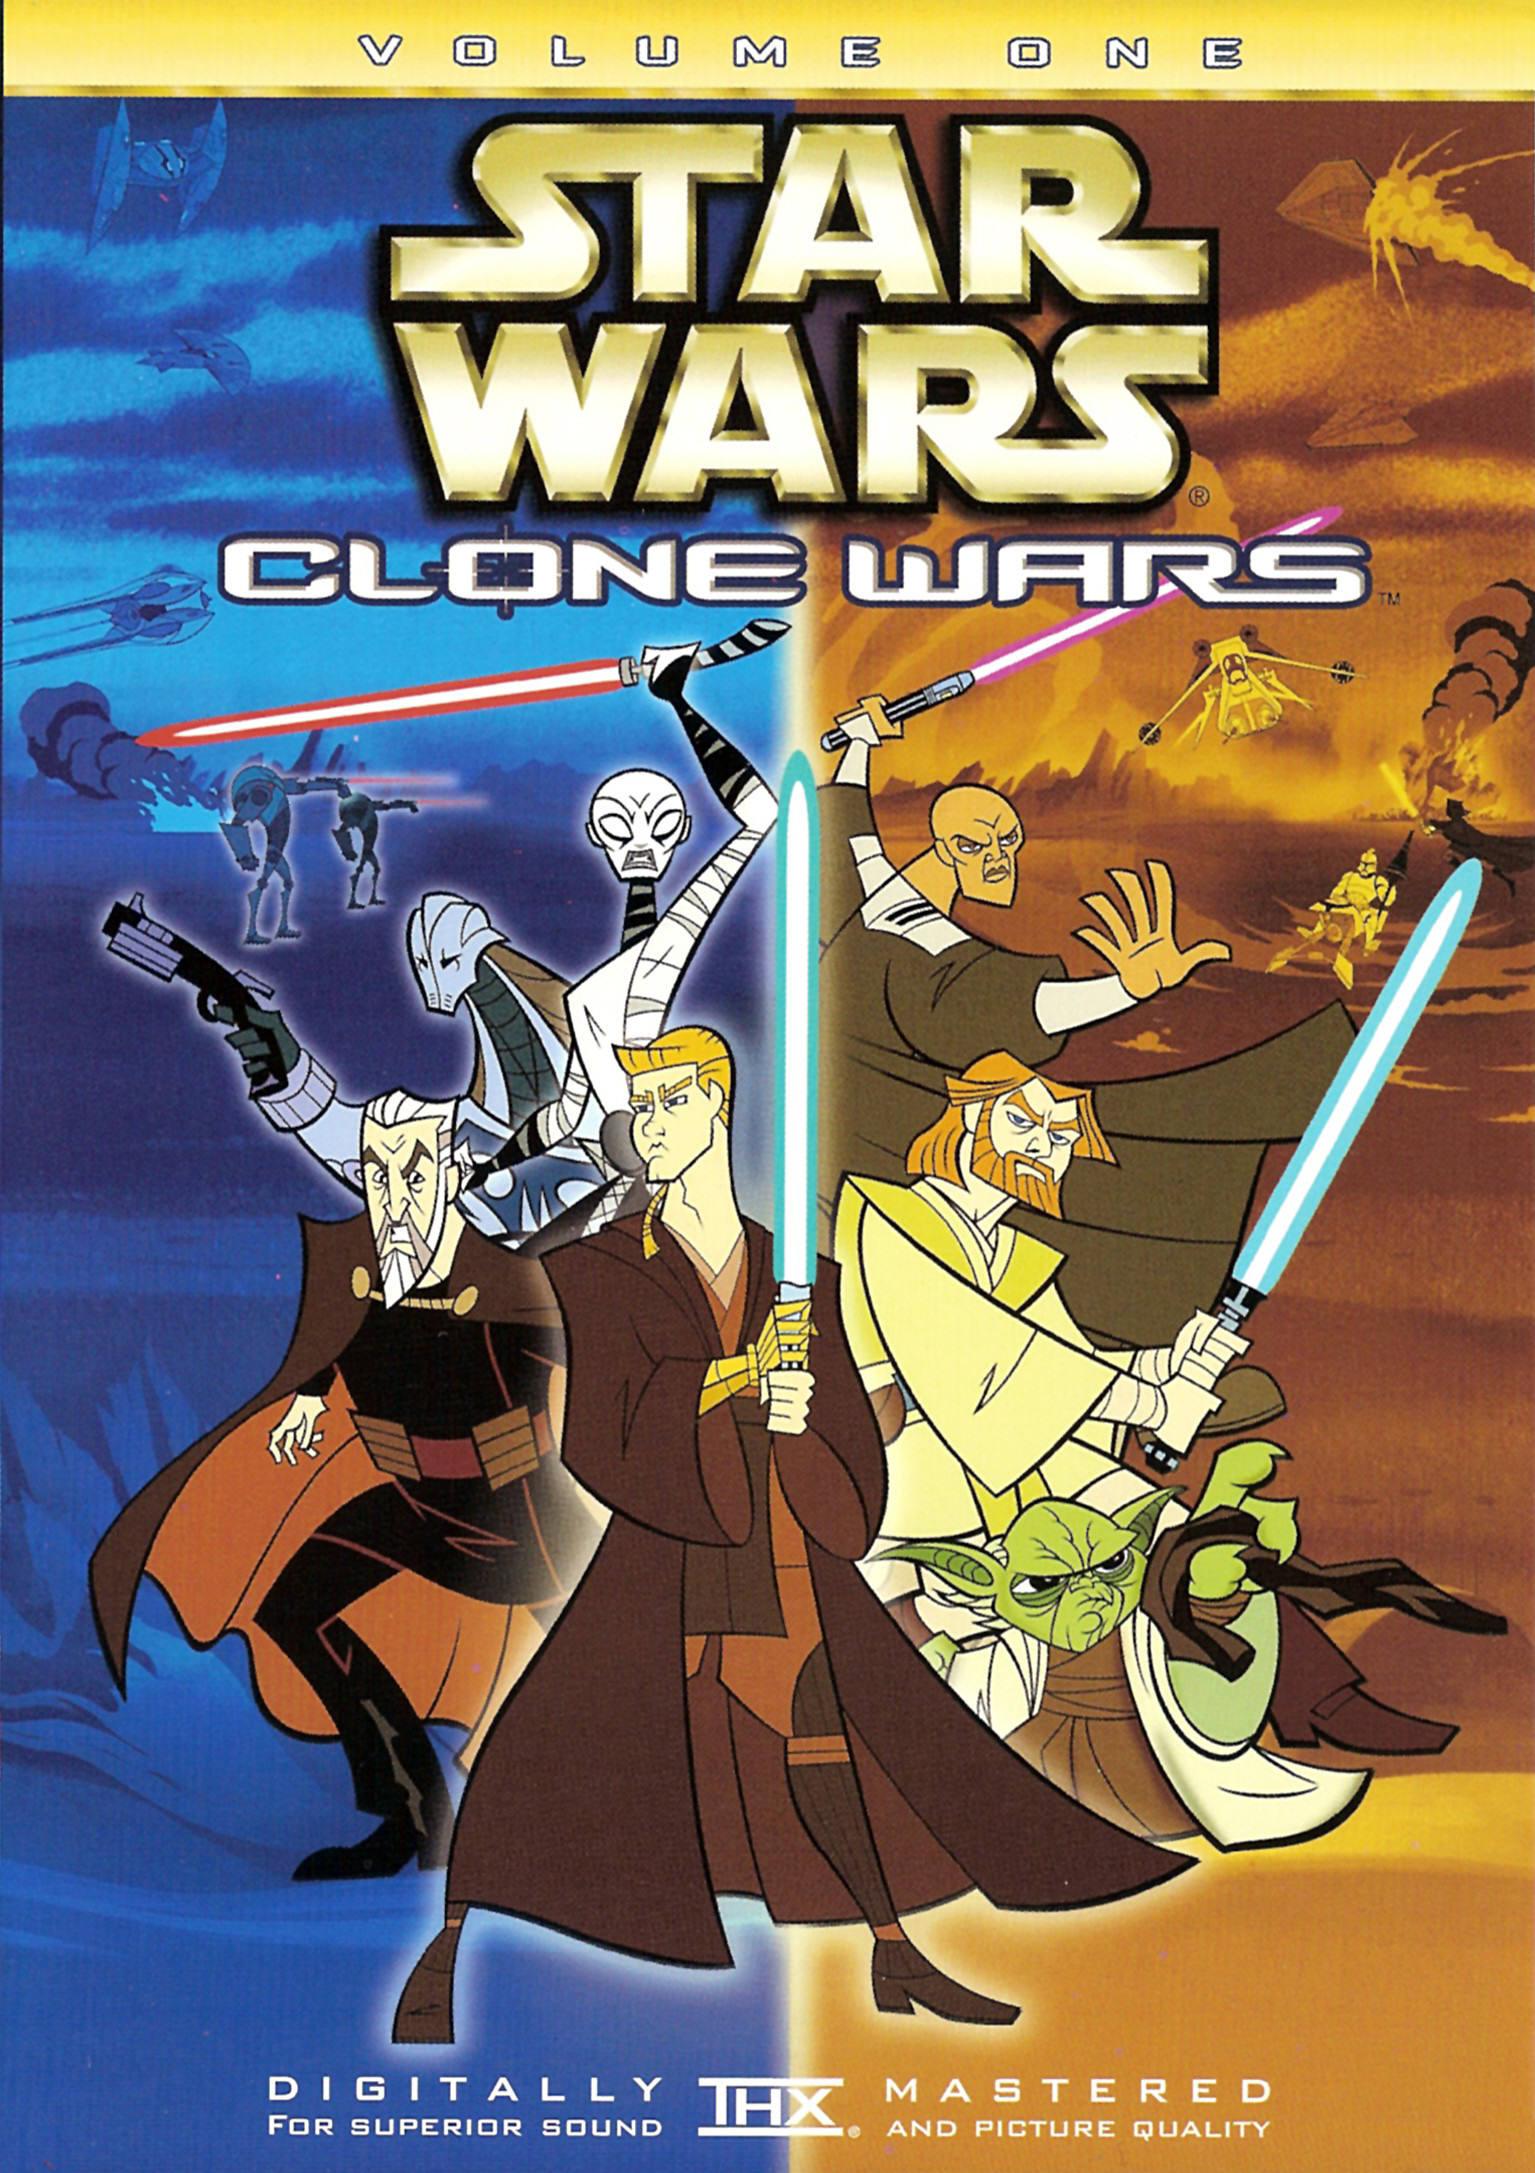 Звездные войны мультфильм картинки 4